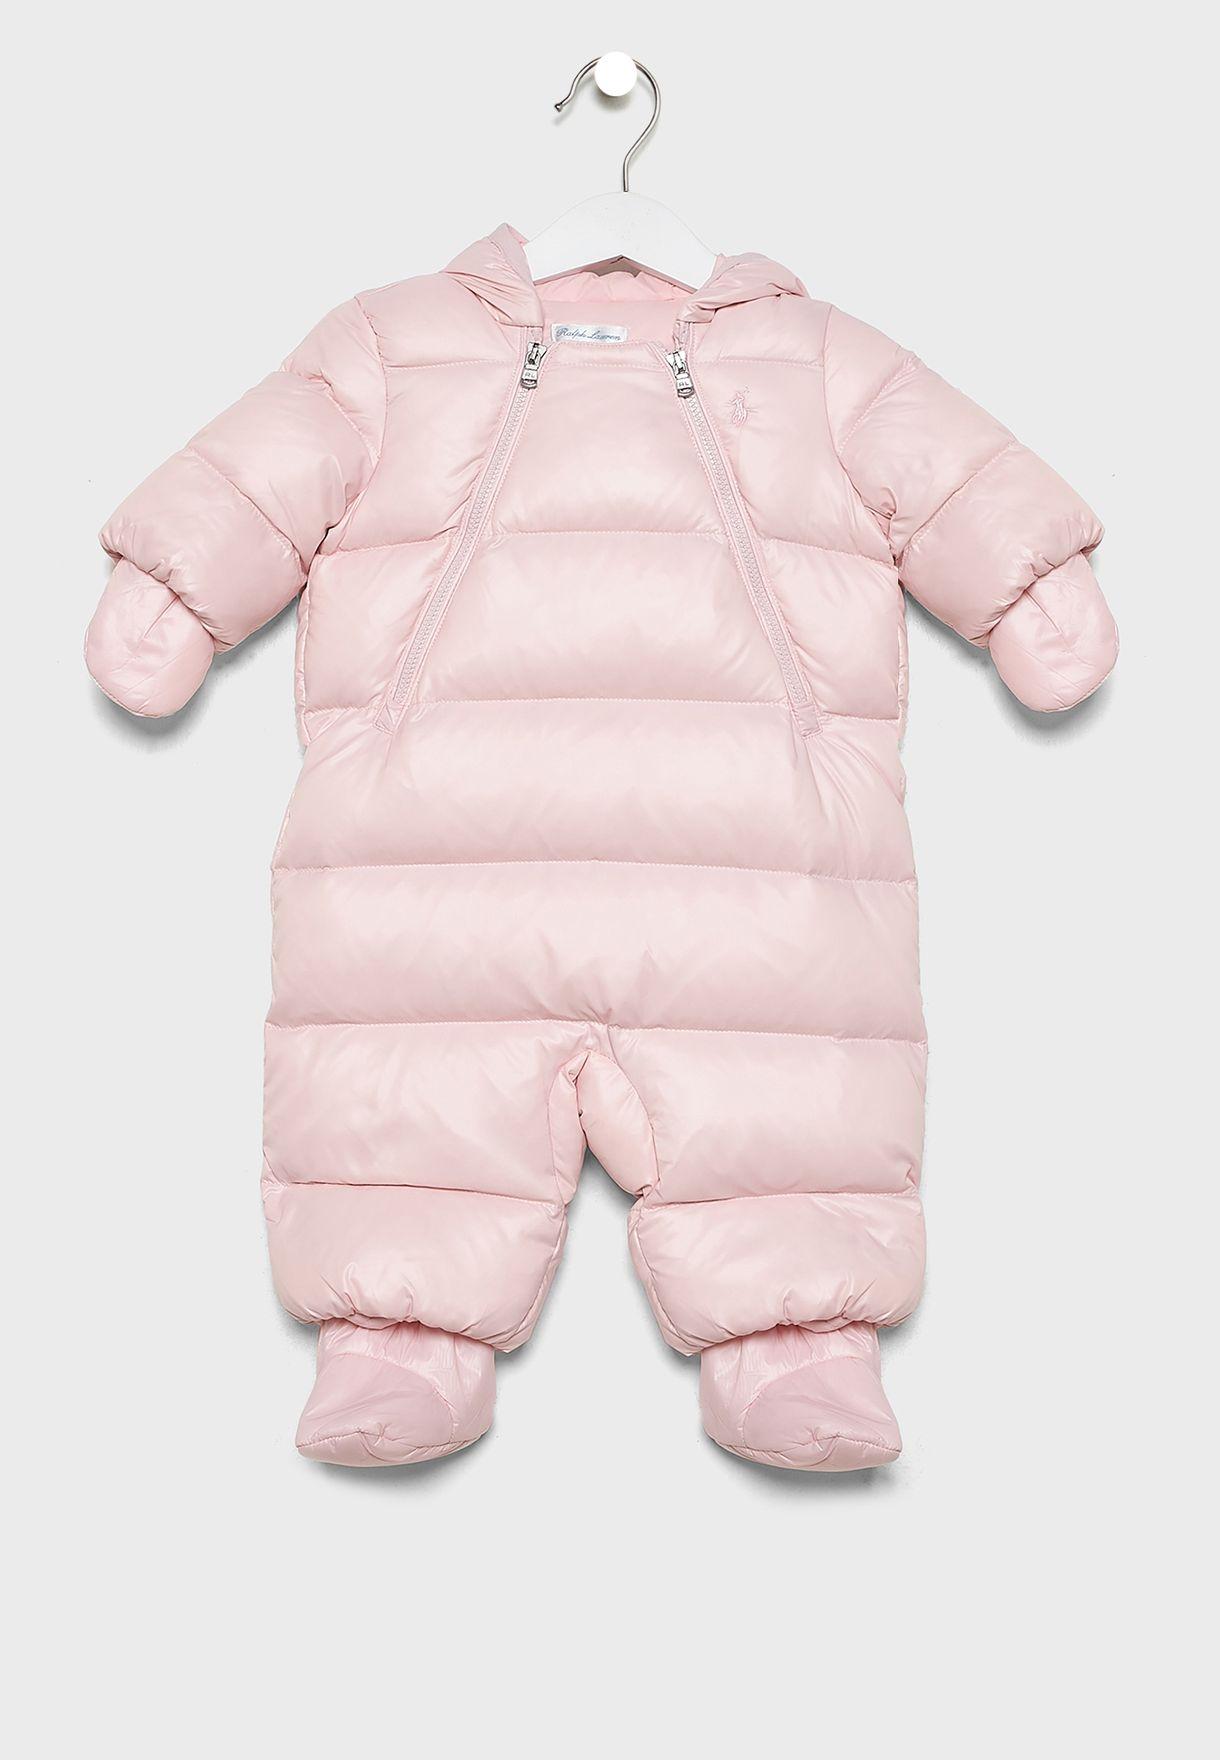 Infant Hooded Romper